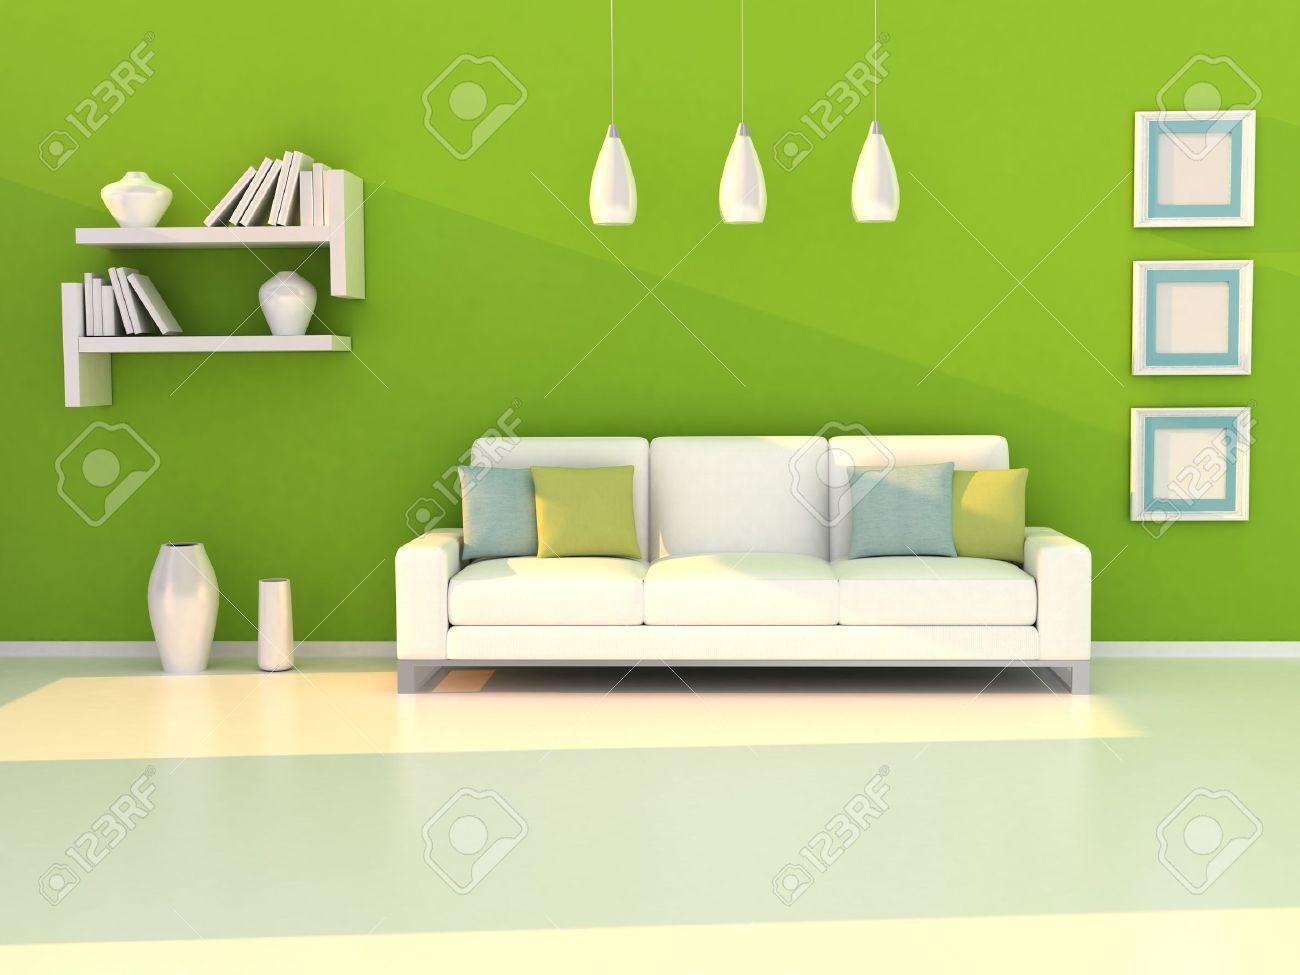 Interior of modern room grüne wand und white sofa lizenzfreie